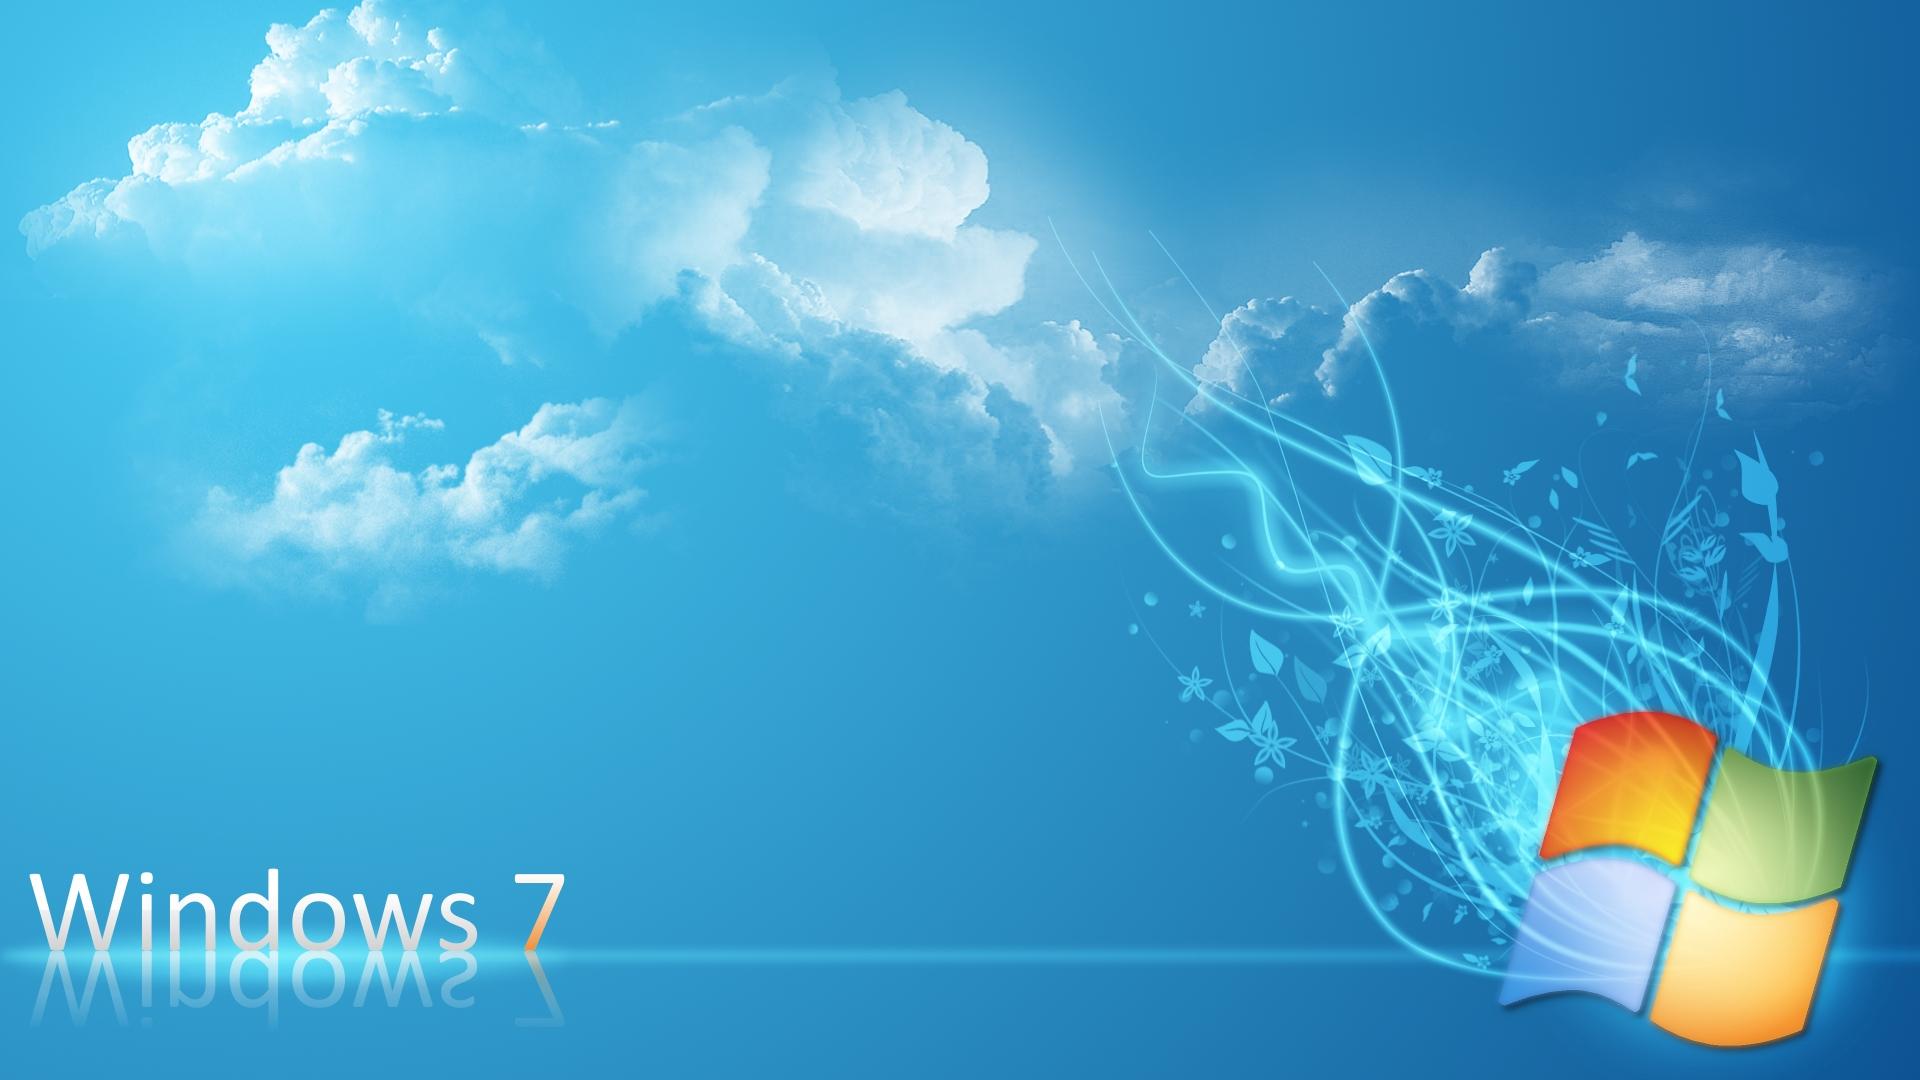 skachat-windows-7-besplatno-photo-2